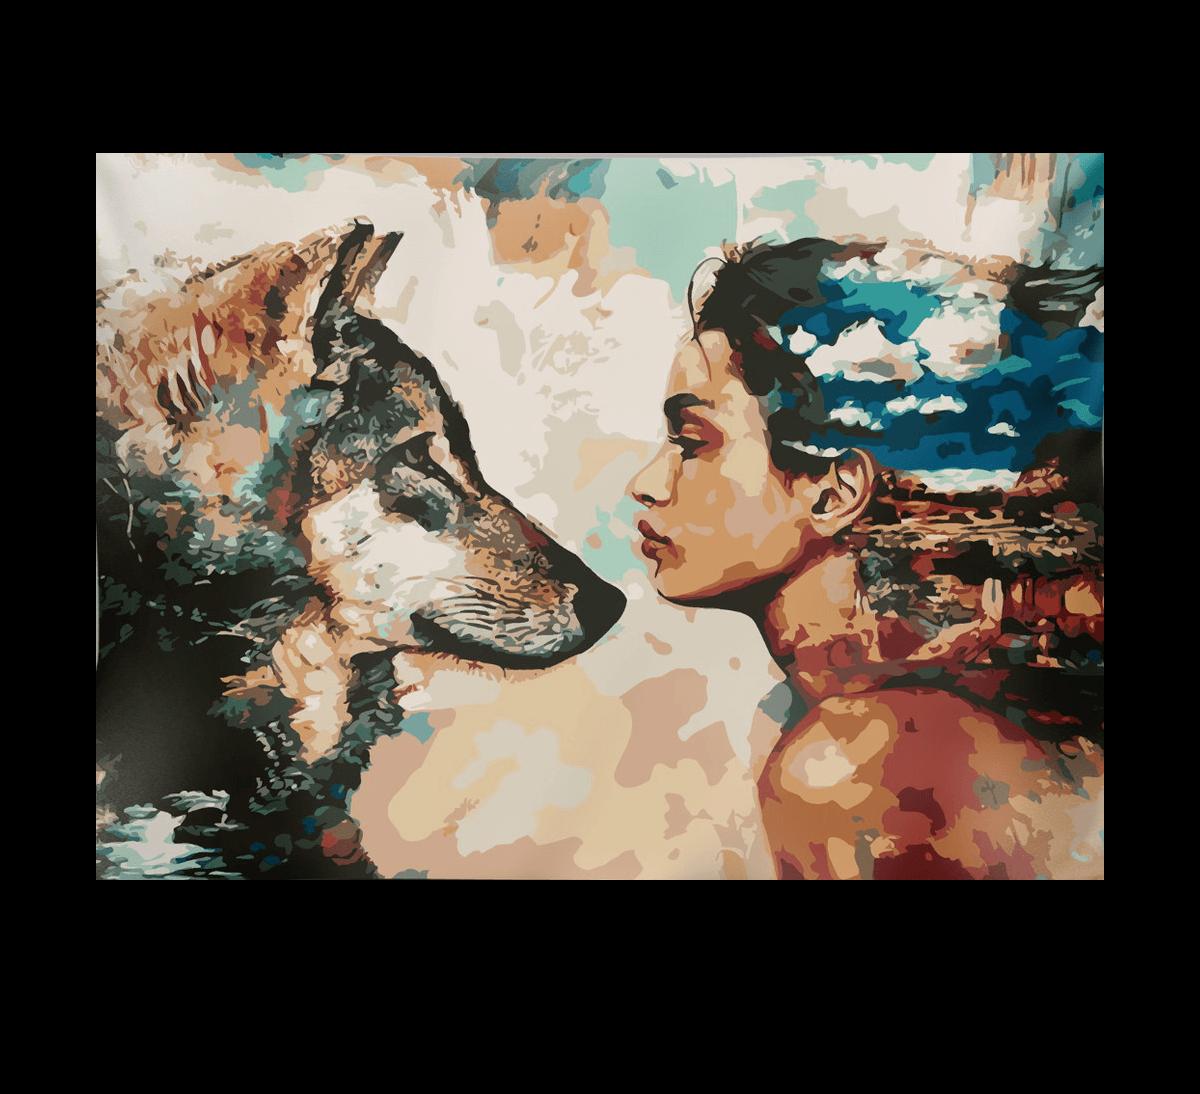 Loba à esquerda, mulher com cabelos ao vento à direita, plano de fundo mesclado; a mulher selvagem é espelho da loba, porque MULHERES CORREM COM OS LOBOS